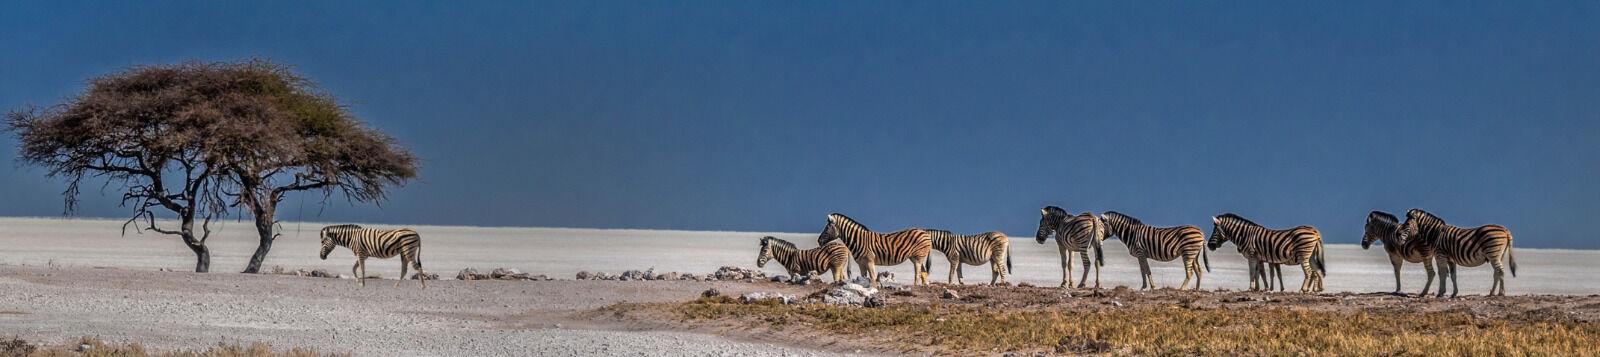 Zebra Crossing - John Whitby